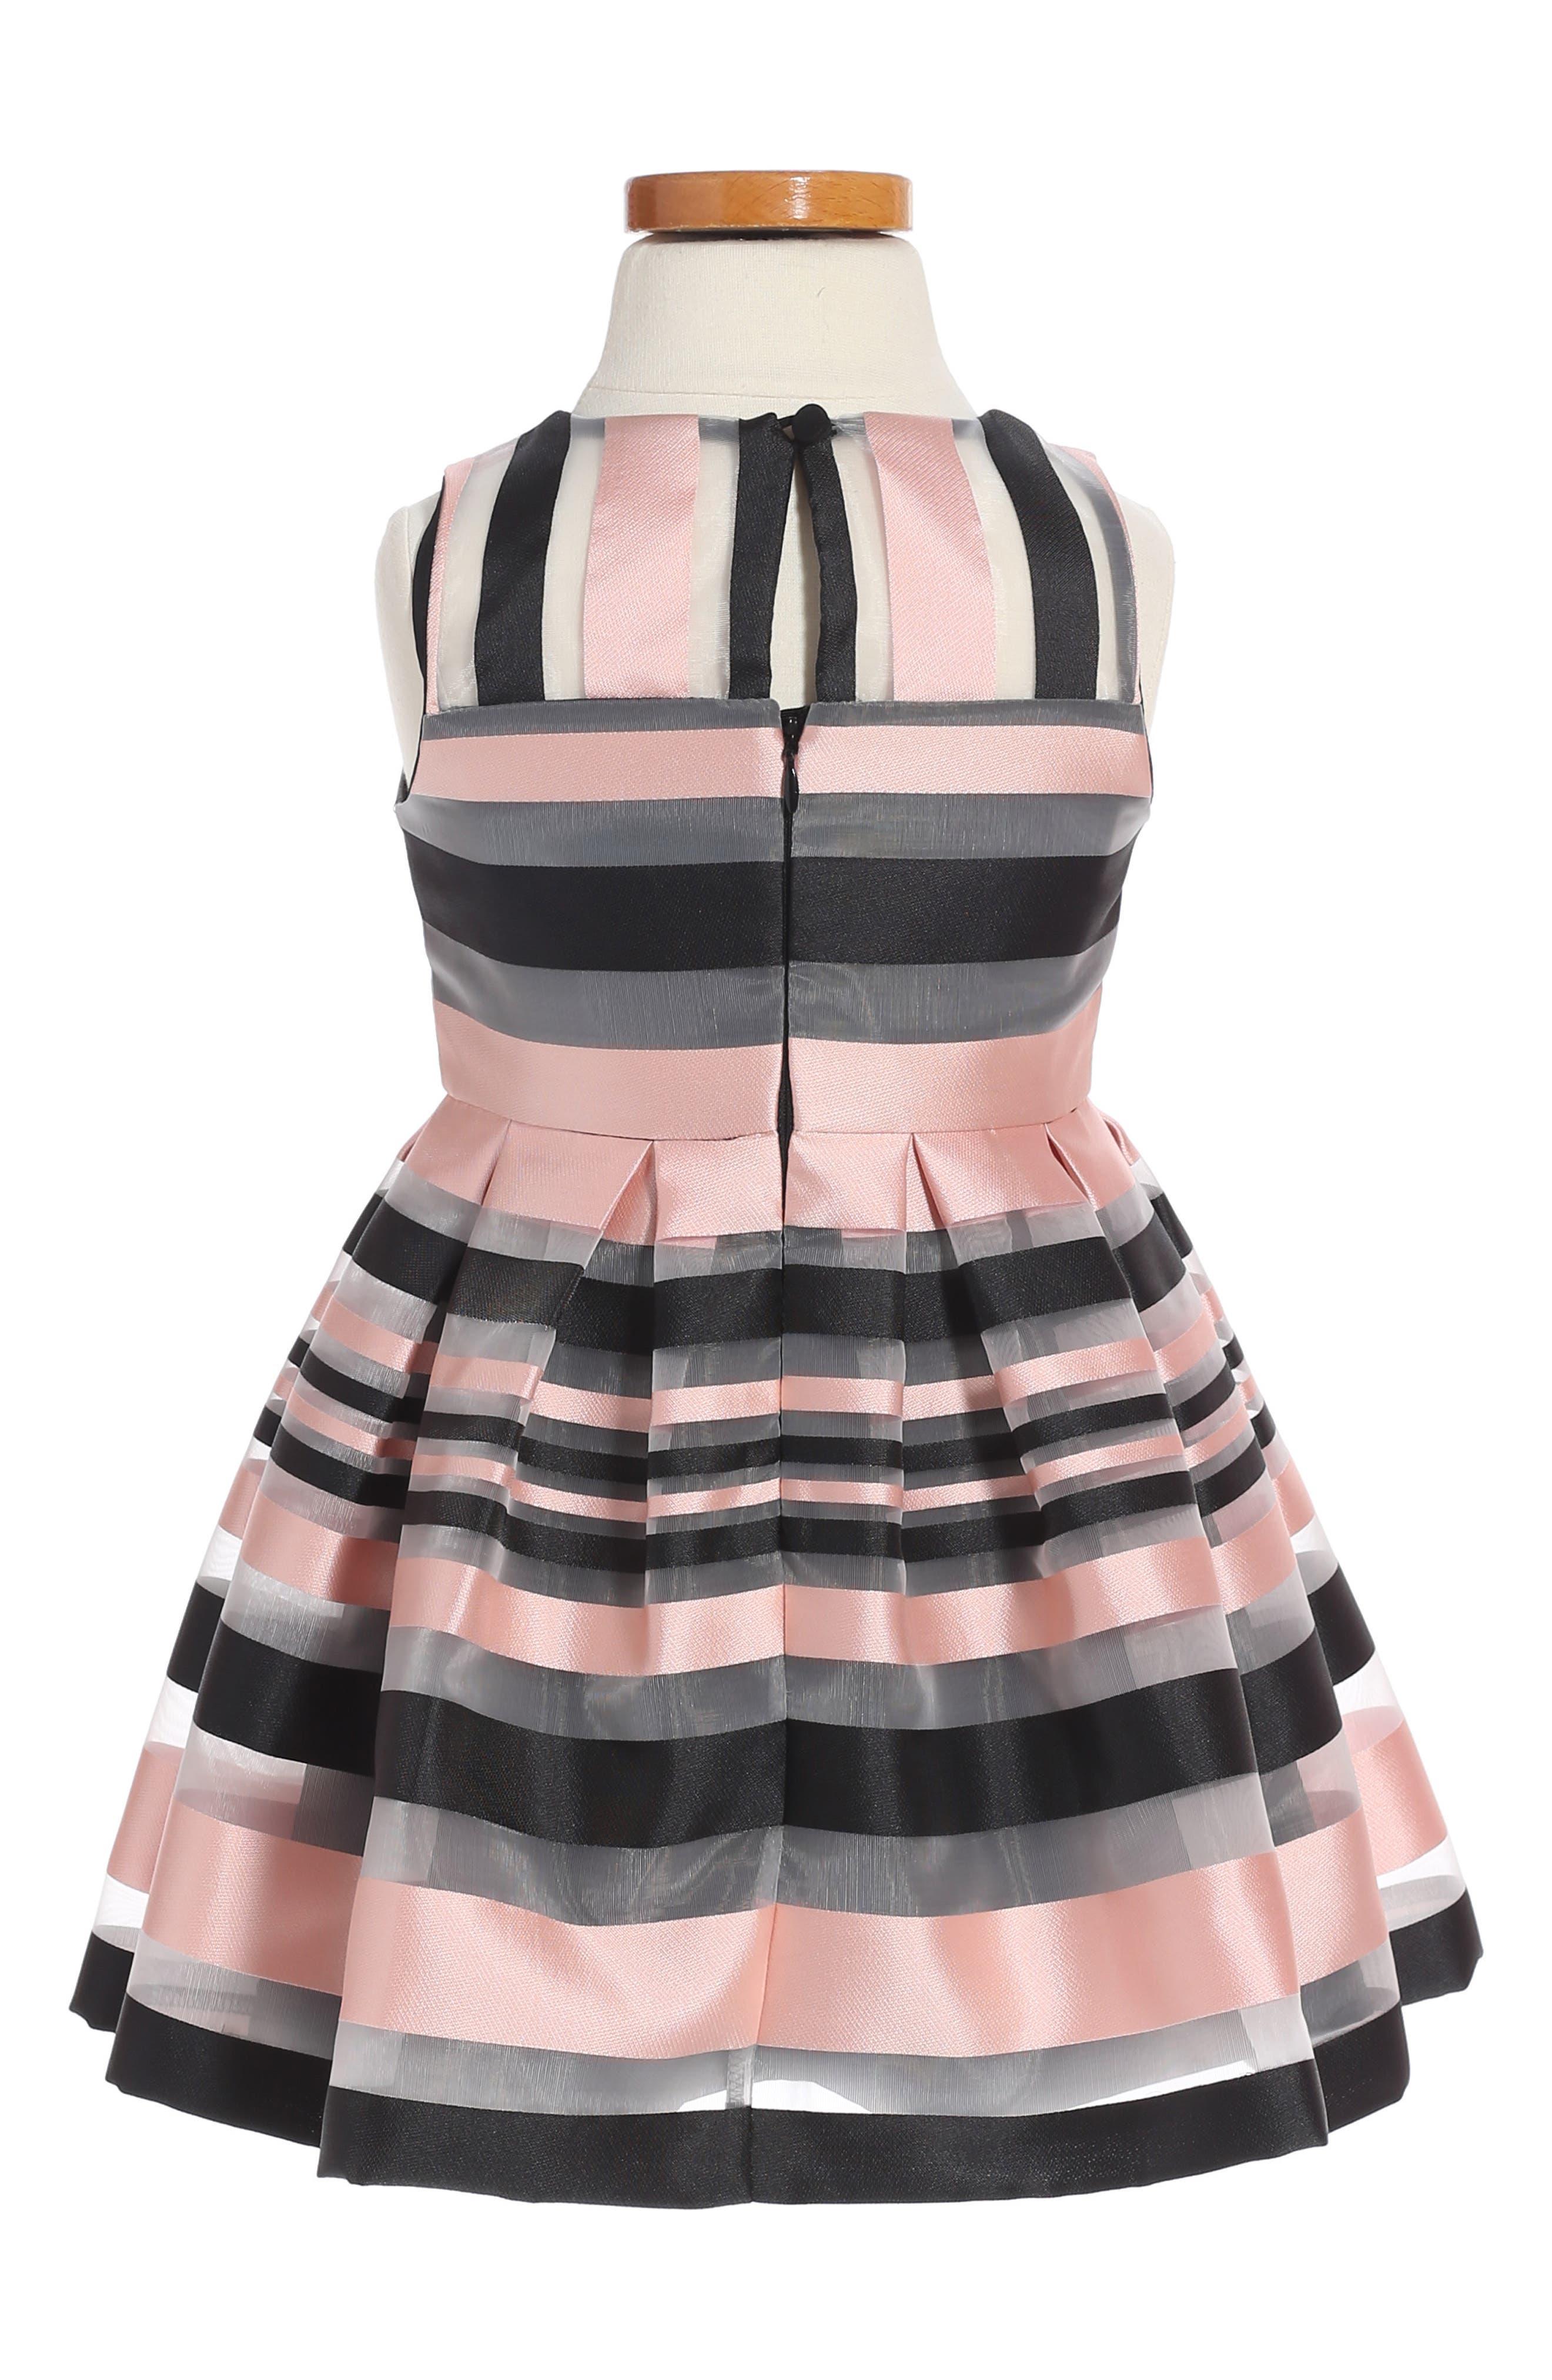 Illusion Stripe Sleeveless Dress,                             Alternate thumbnail 2, color,                             Blush/ Black